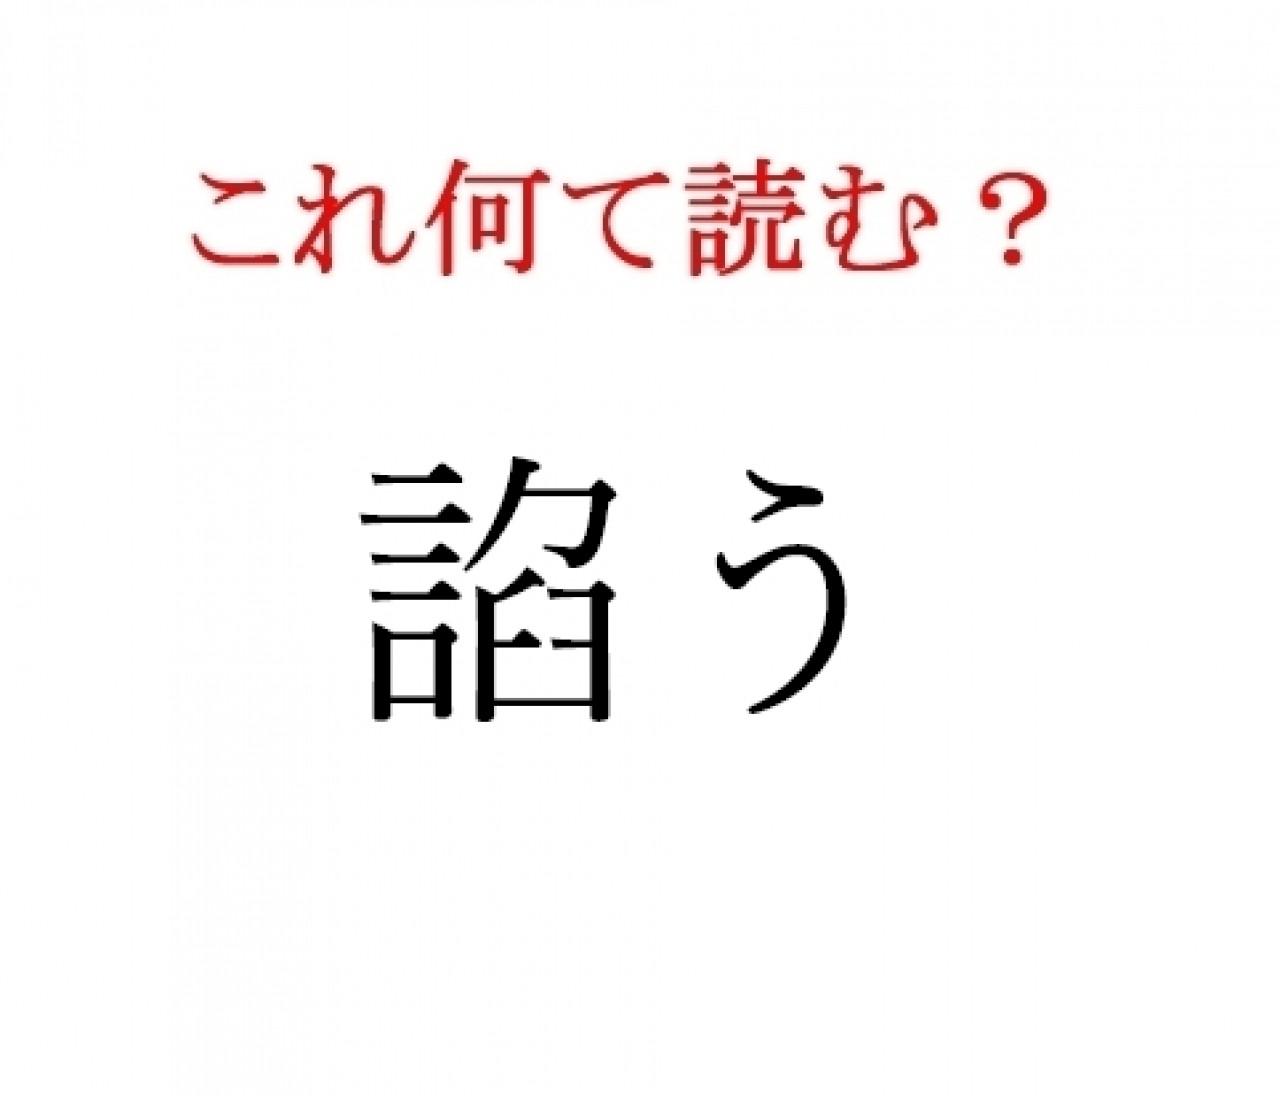 「諂う」:この漢字、自信を持って読めますか?【働く大人の漢字クイズvol.19】